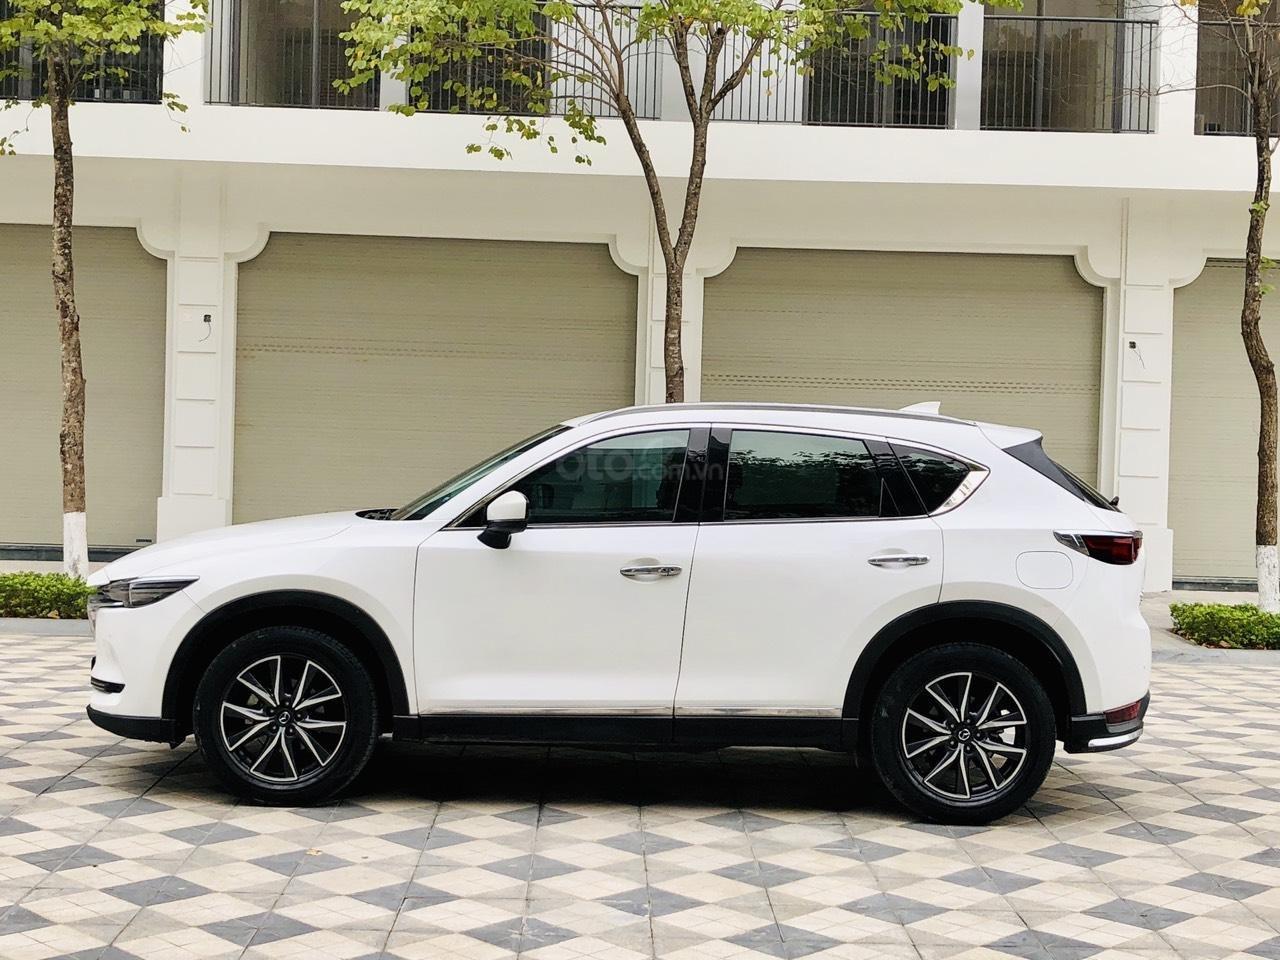 [Hot] bán nhanh Mazda CX5 2.5 đời 2018 màu trắng, xe 1 chủ từ đầu biển HN, xe đẹp không 1 lỗi nhỏ (3)